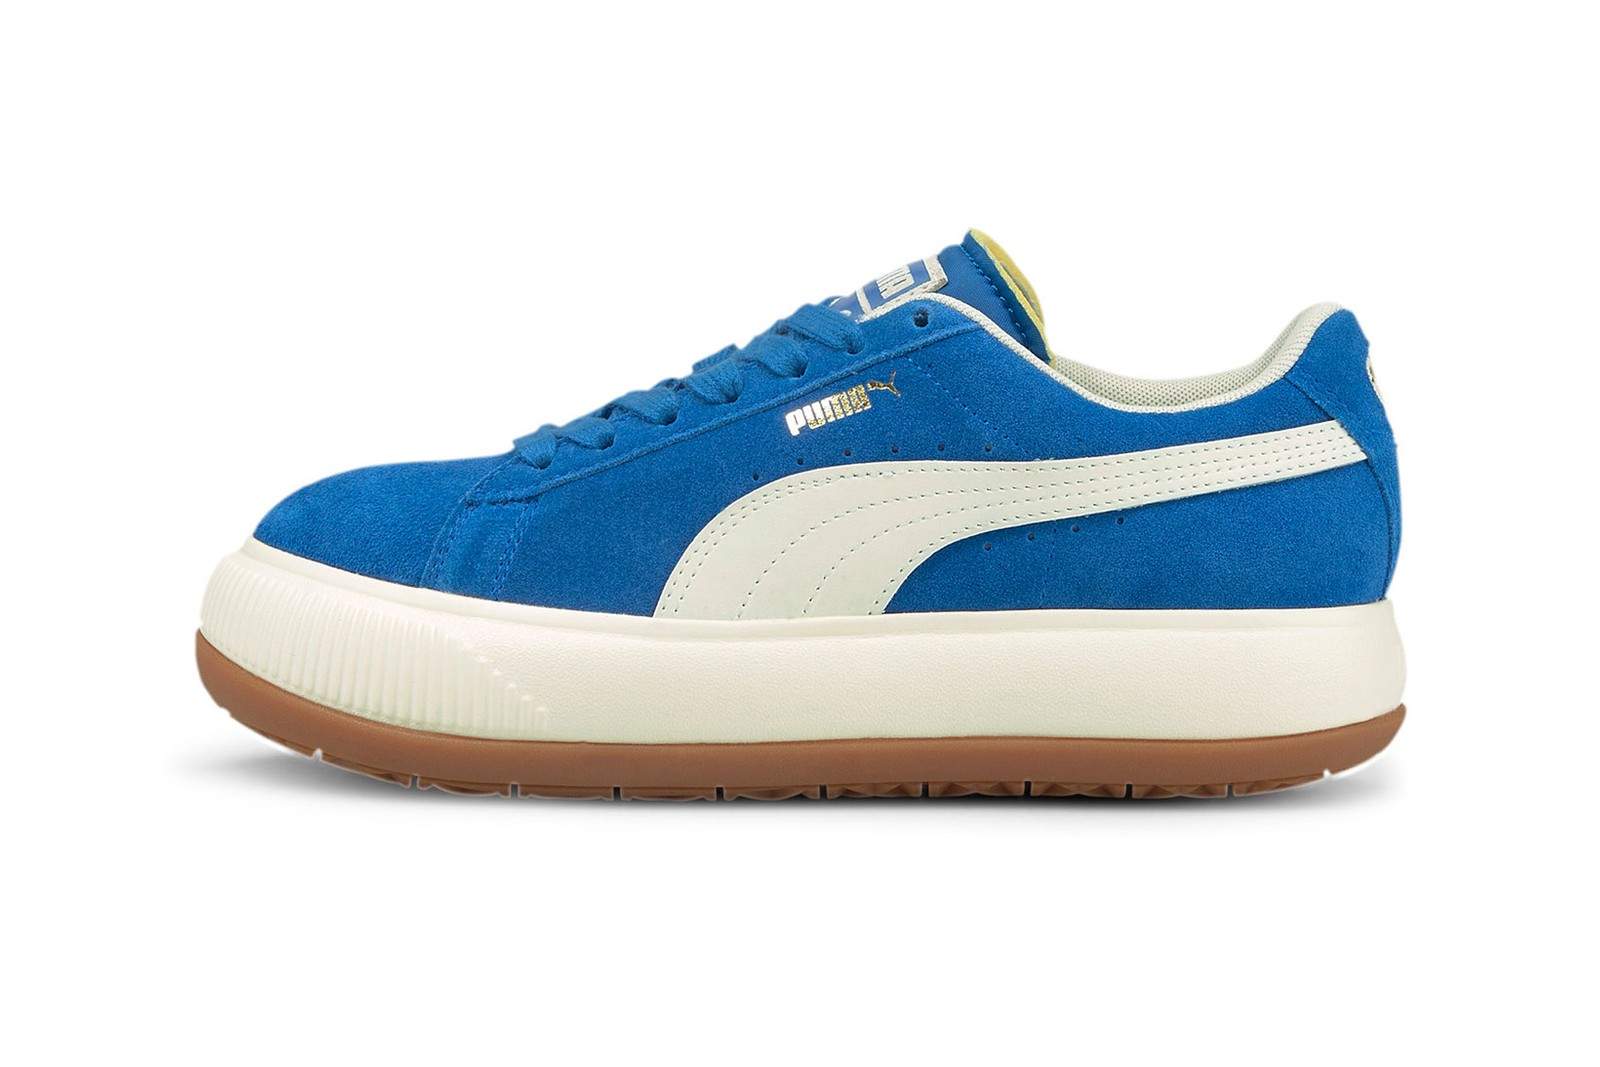 Nike Air Force 1 Low Acorn Brown Tan PUMA Suede Mayu Blue Sneakers Kicks Footwear Shoes